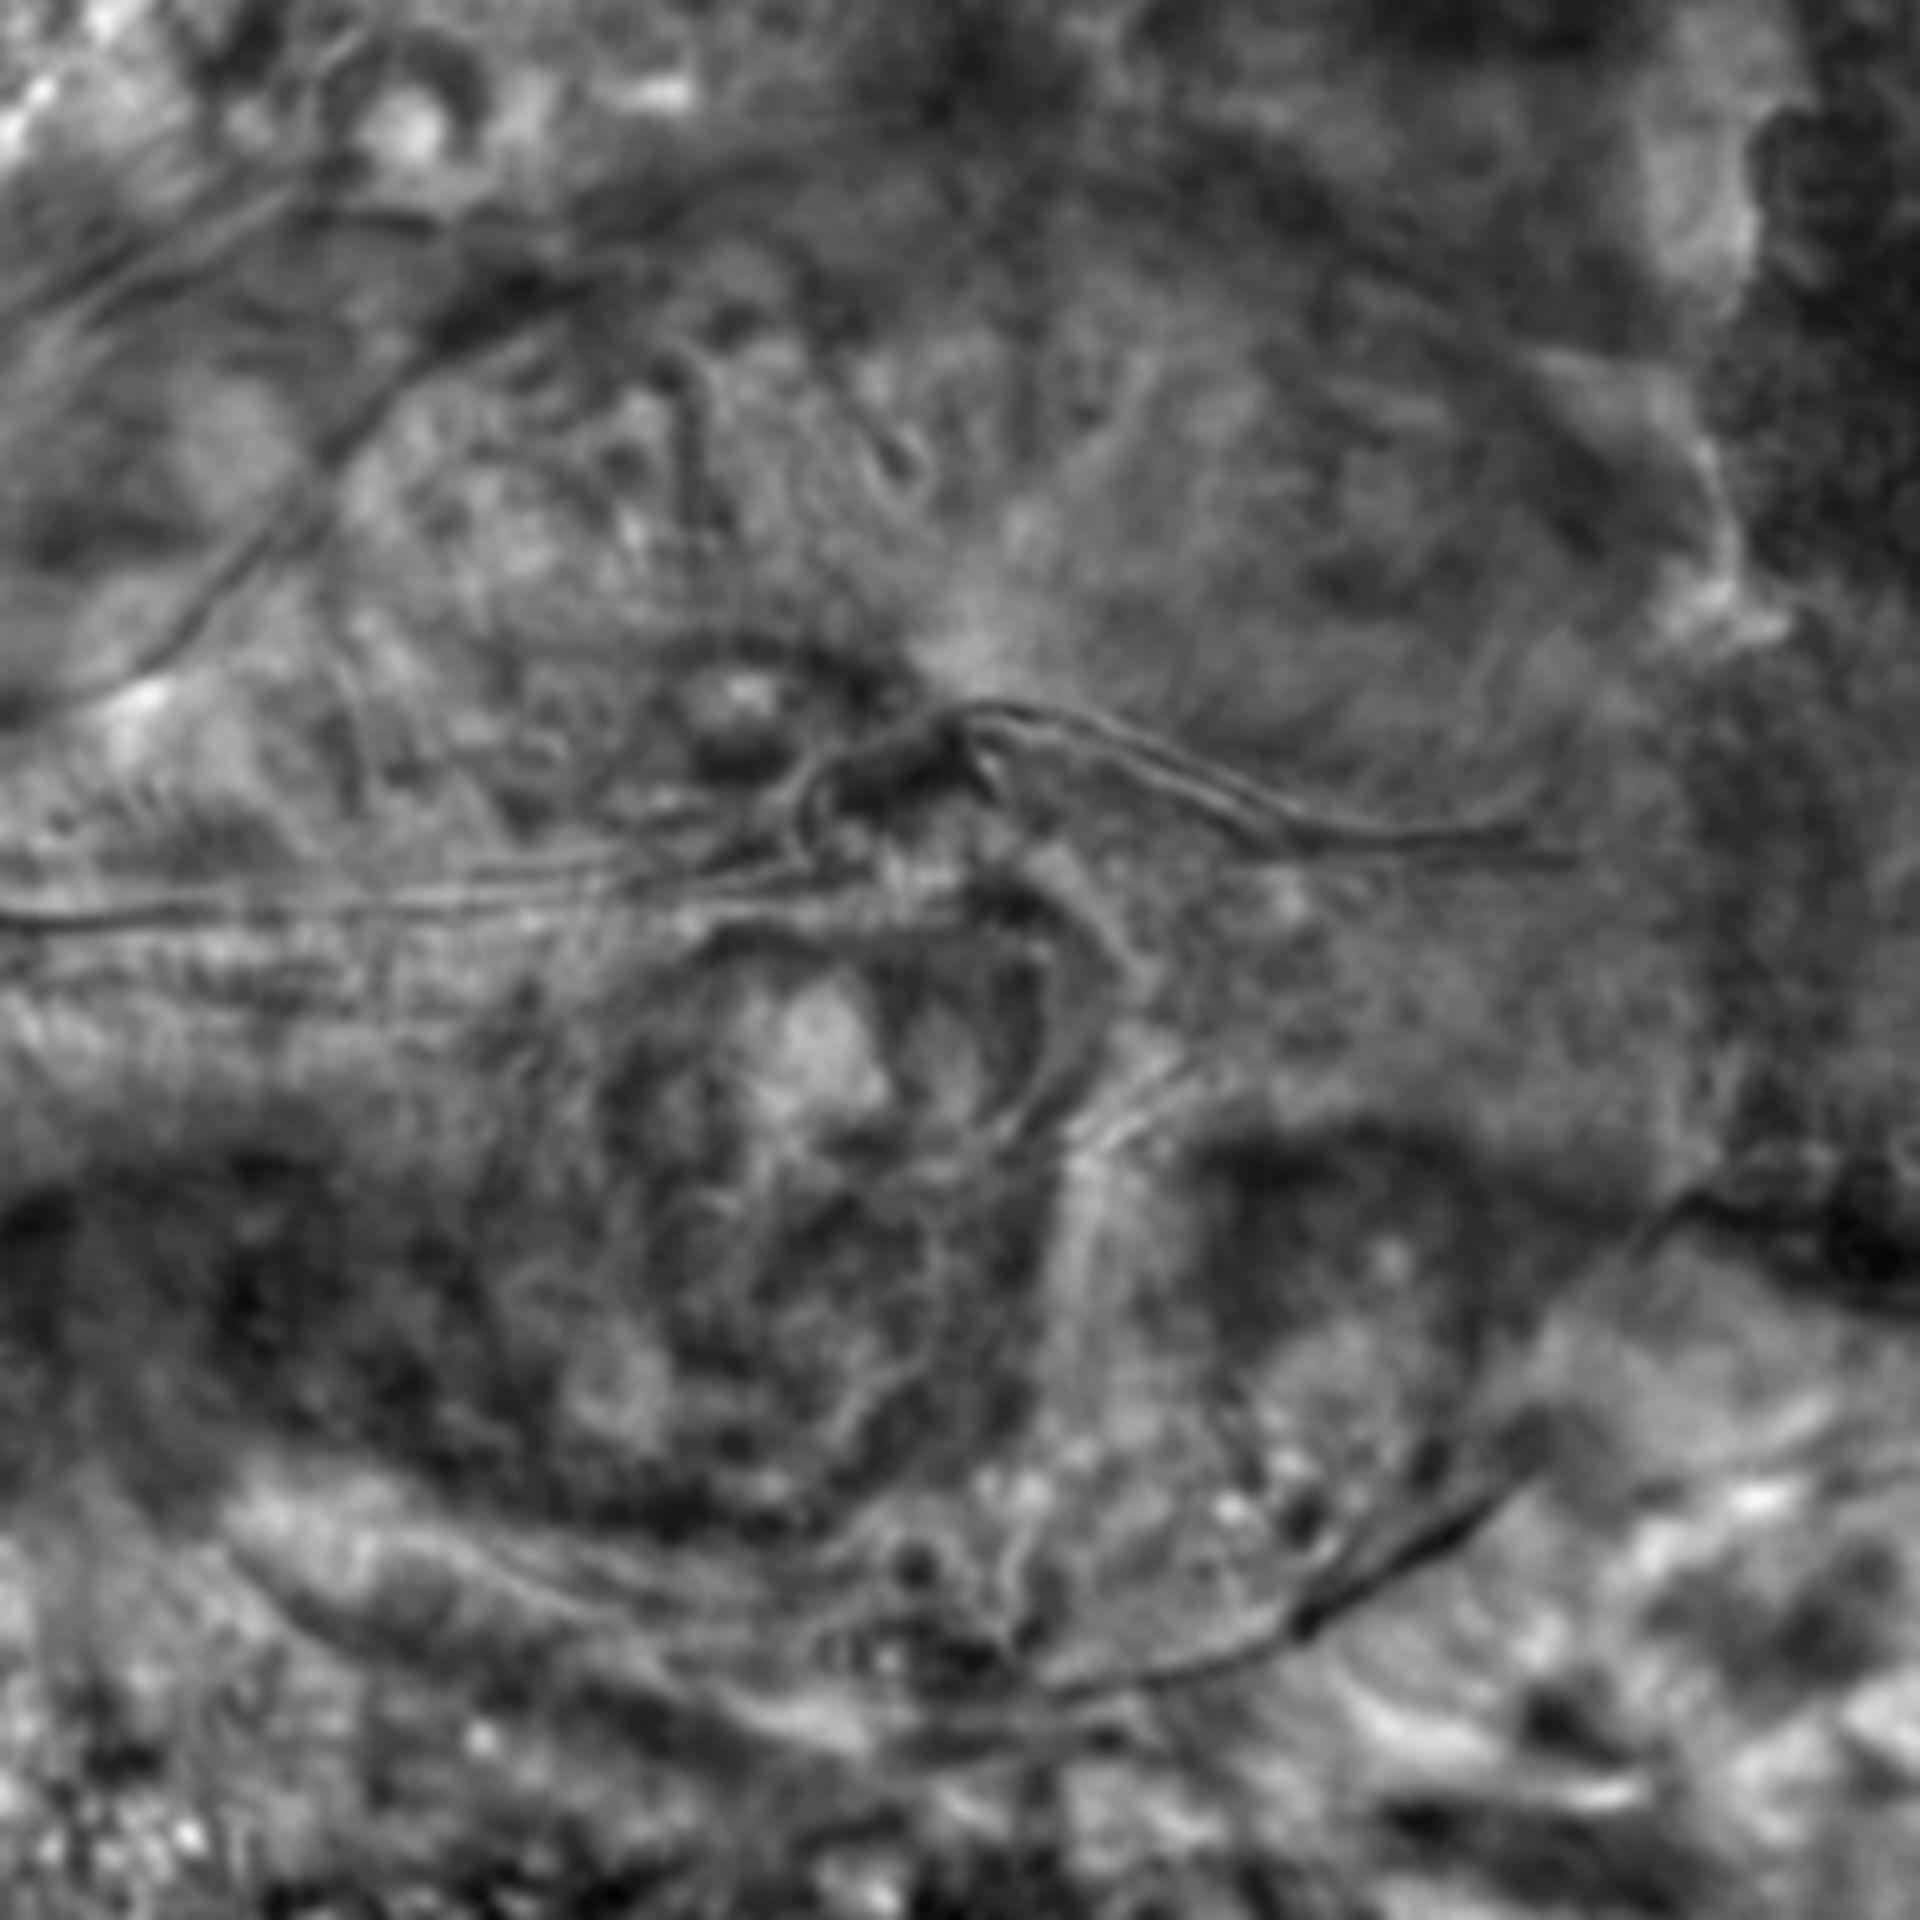 Caenorhabditis elegans - CIL:2650